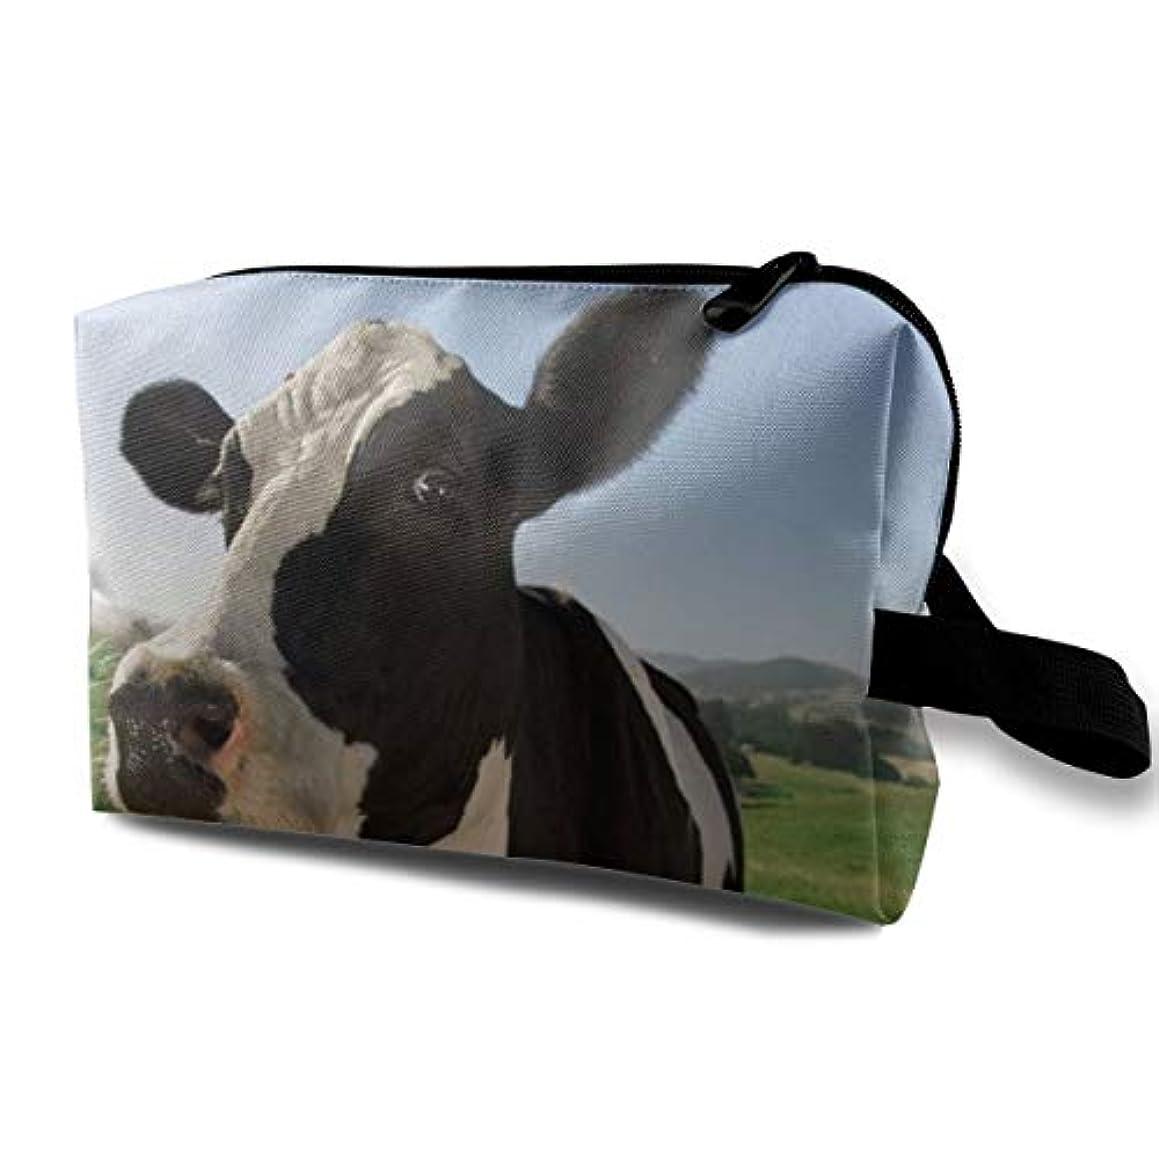 変化する原子肺Lovely Milk Cow 収納ポーチ 化粧ポーチ 大容量 軽量 耐久性 ハンドル付持ち運び便利。入れ 自宅?出張?旅行?アウトドア撮影などに対応。メンズ レディース トラベルグッズ